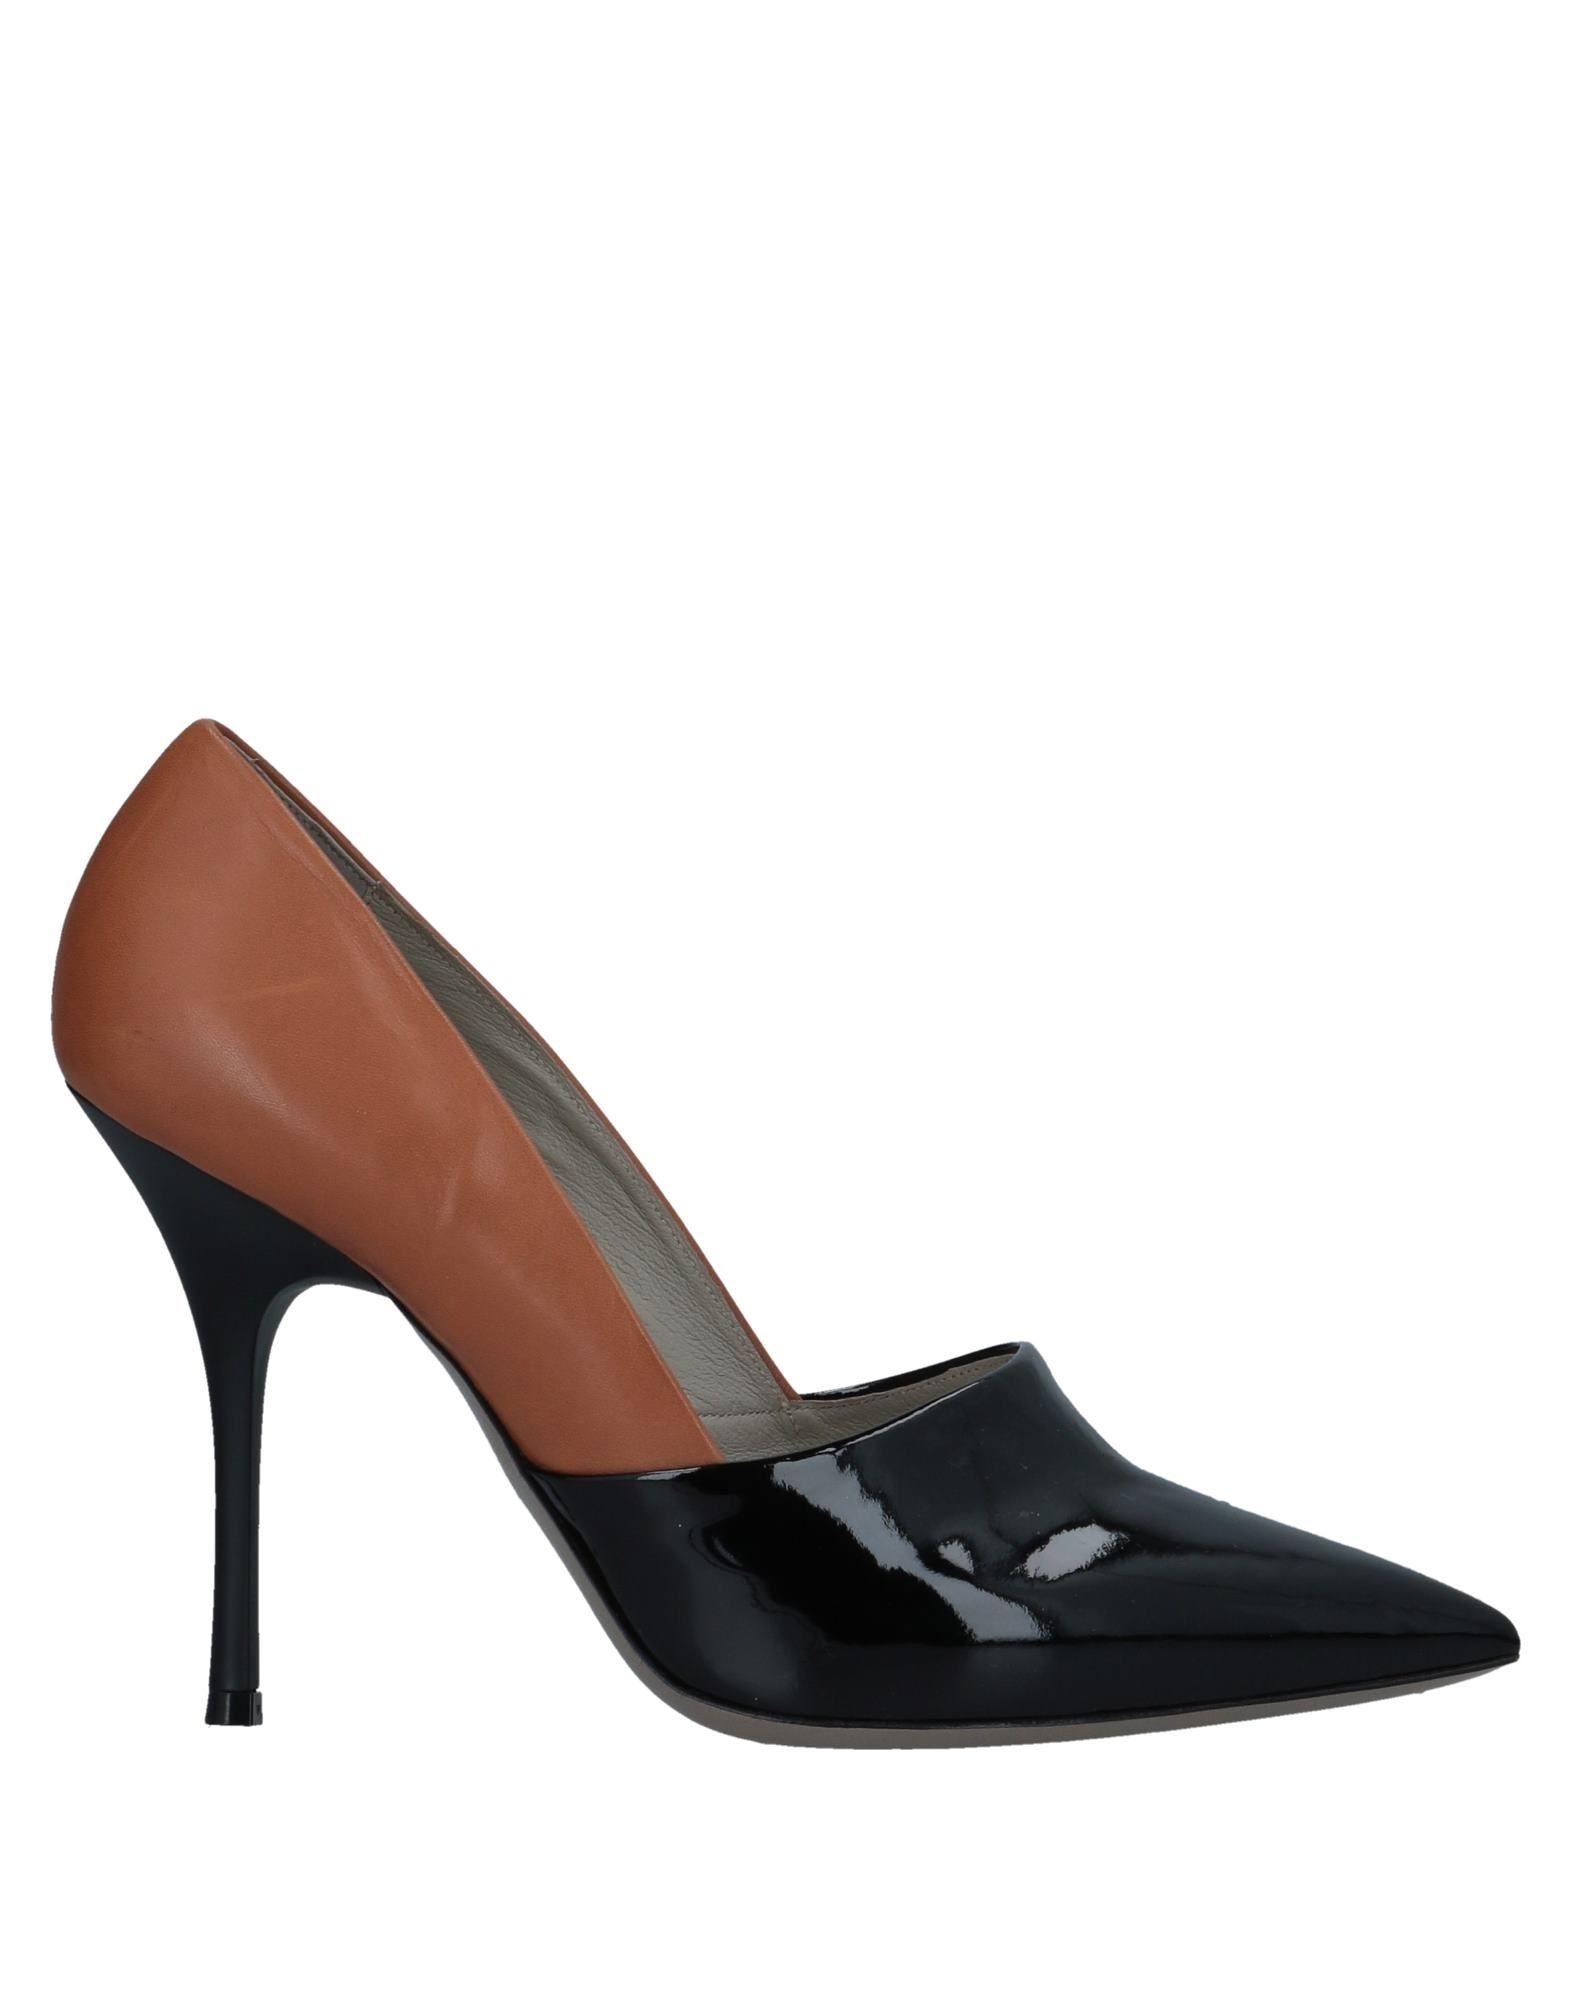 Vivienne Westwood Anglomania Pumps Damen  11522778DRGut aussehende strapazierfähige Schuhe